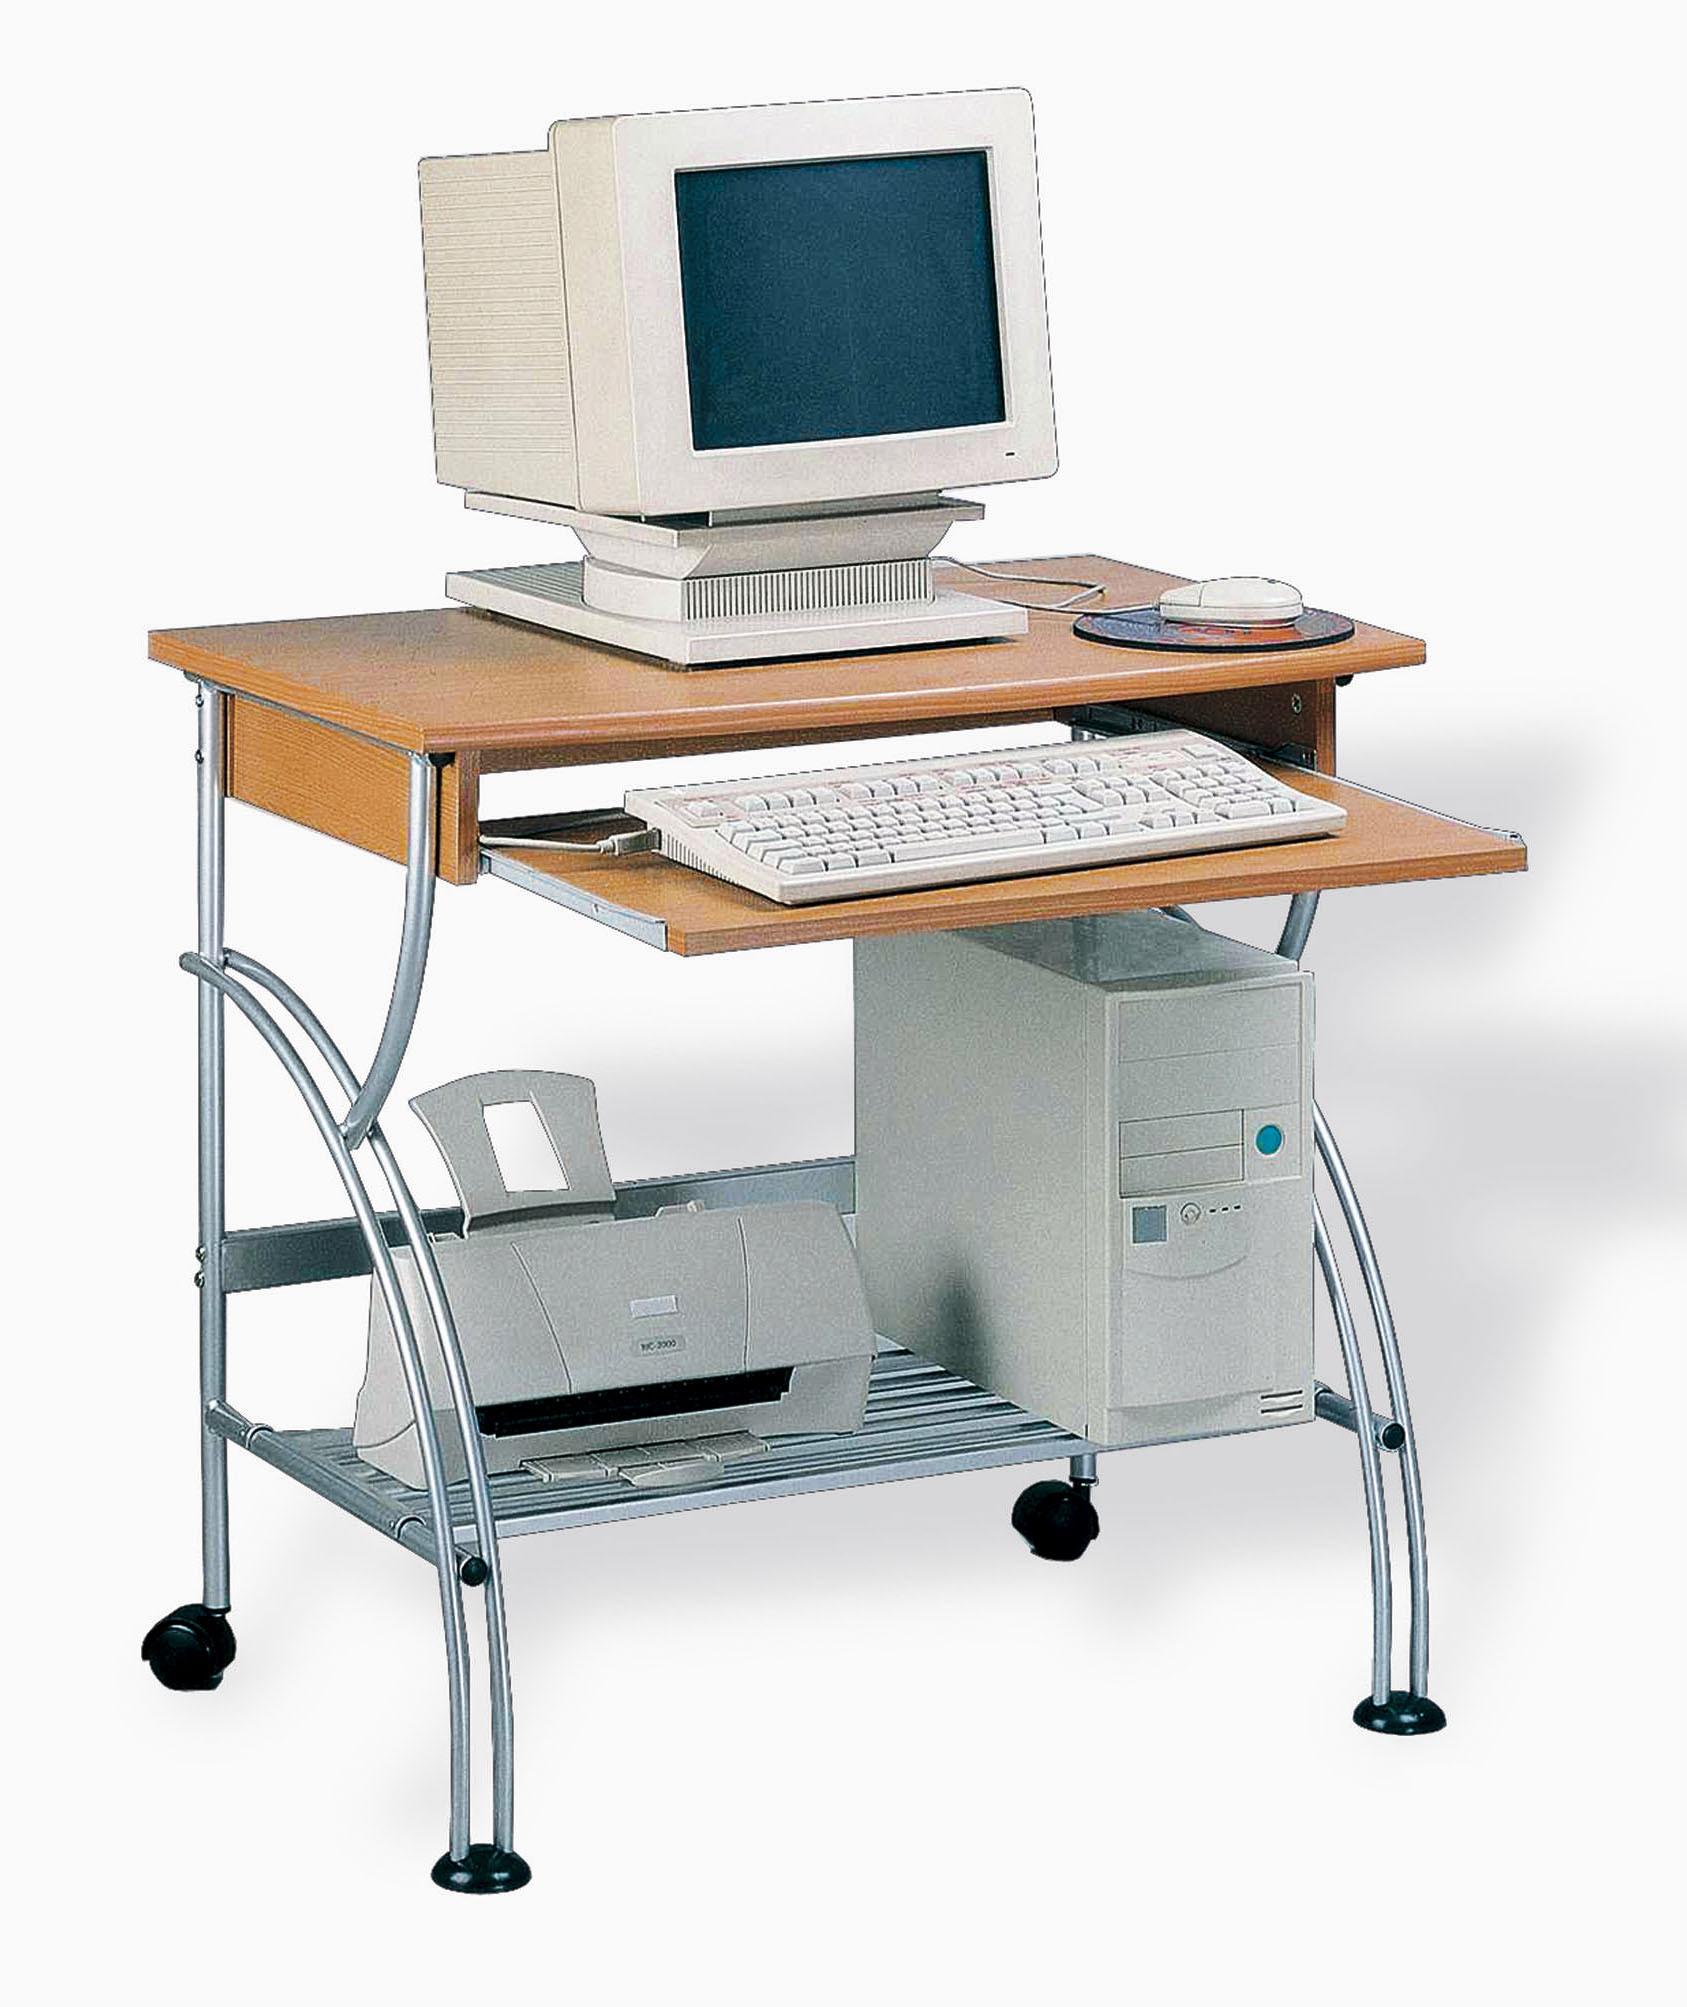 Mesa ordenador mk1 decora descans mueble complemento - Como hacer una mesa de ordenador ...